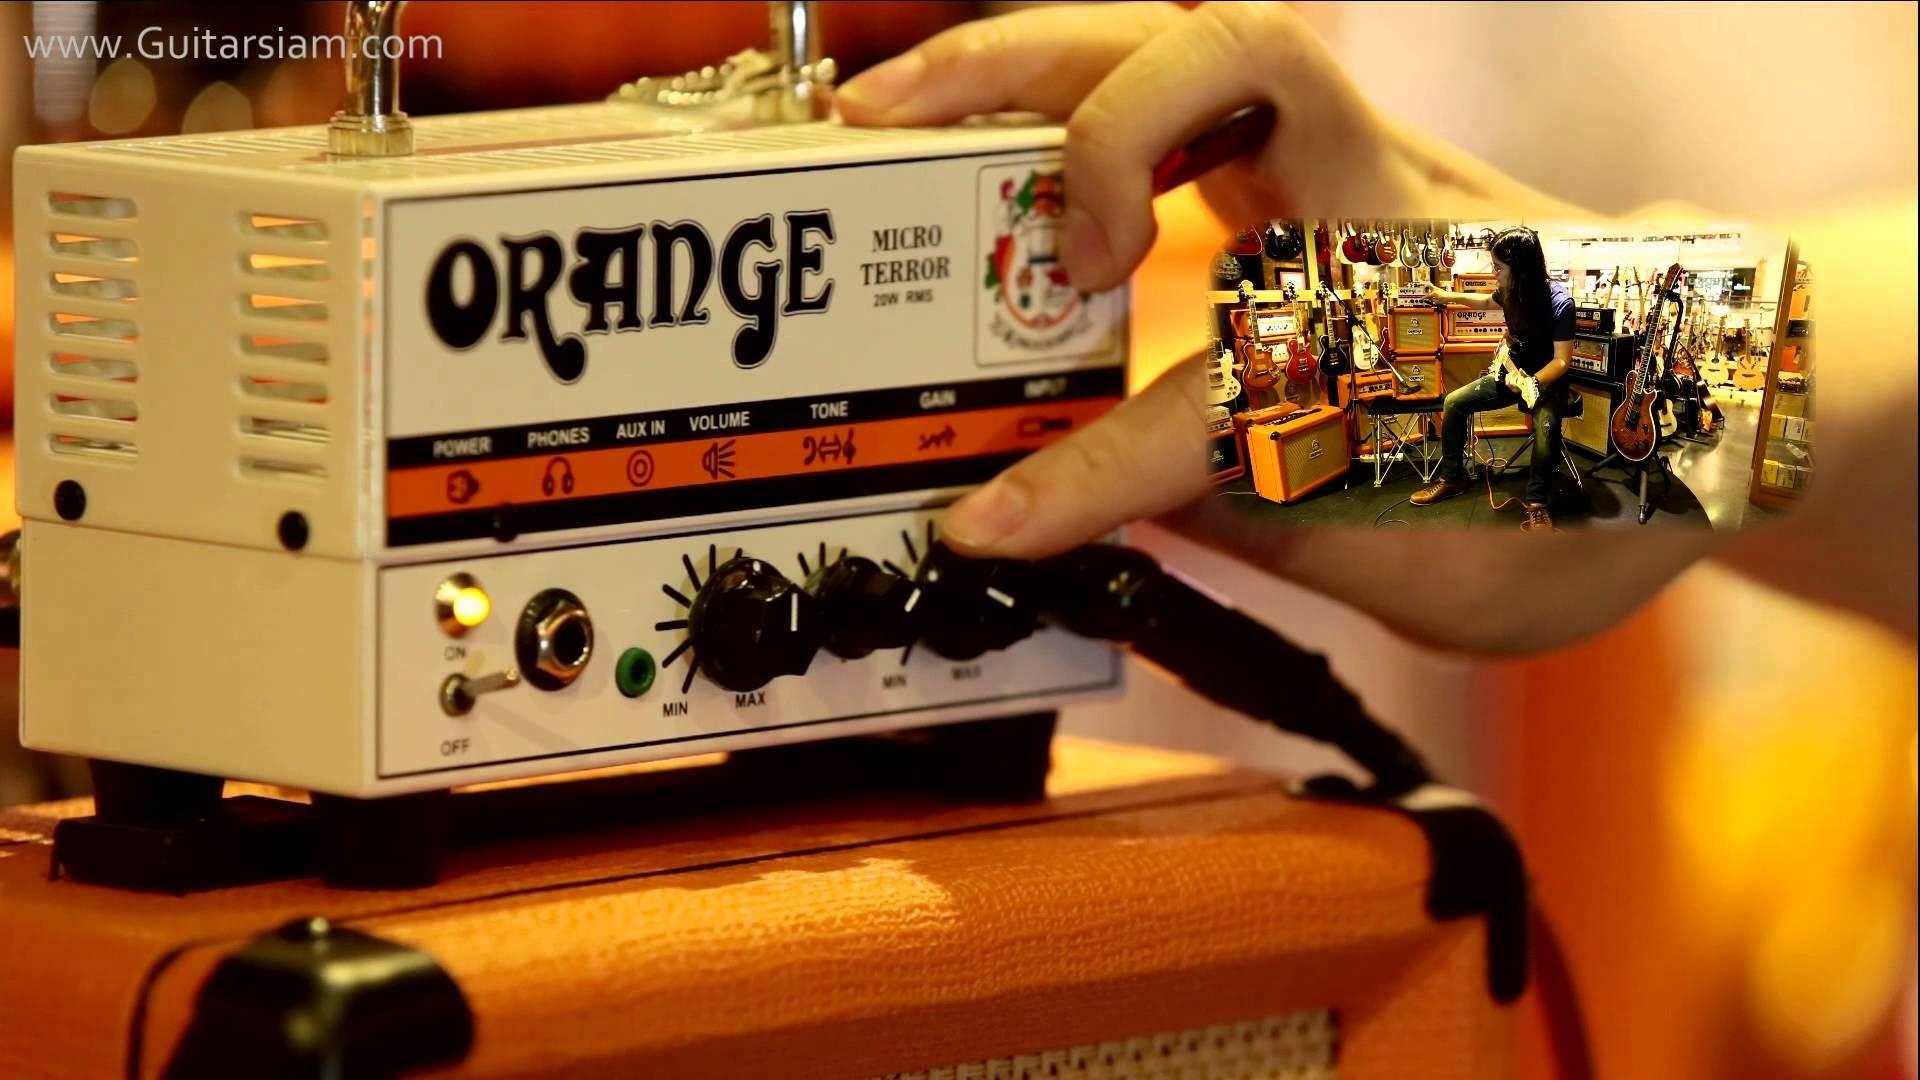 Image Gallery: orange guitar amp wallpaper